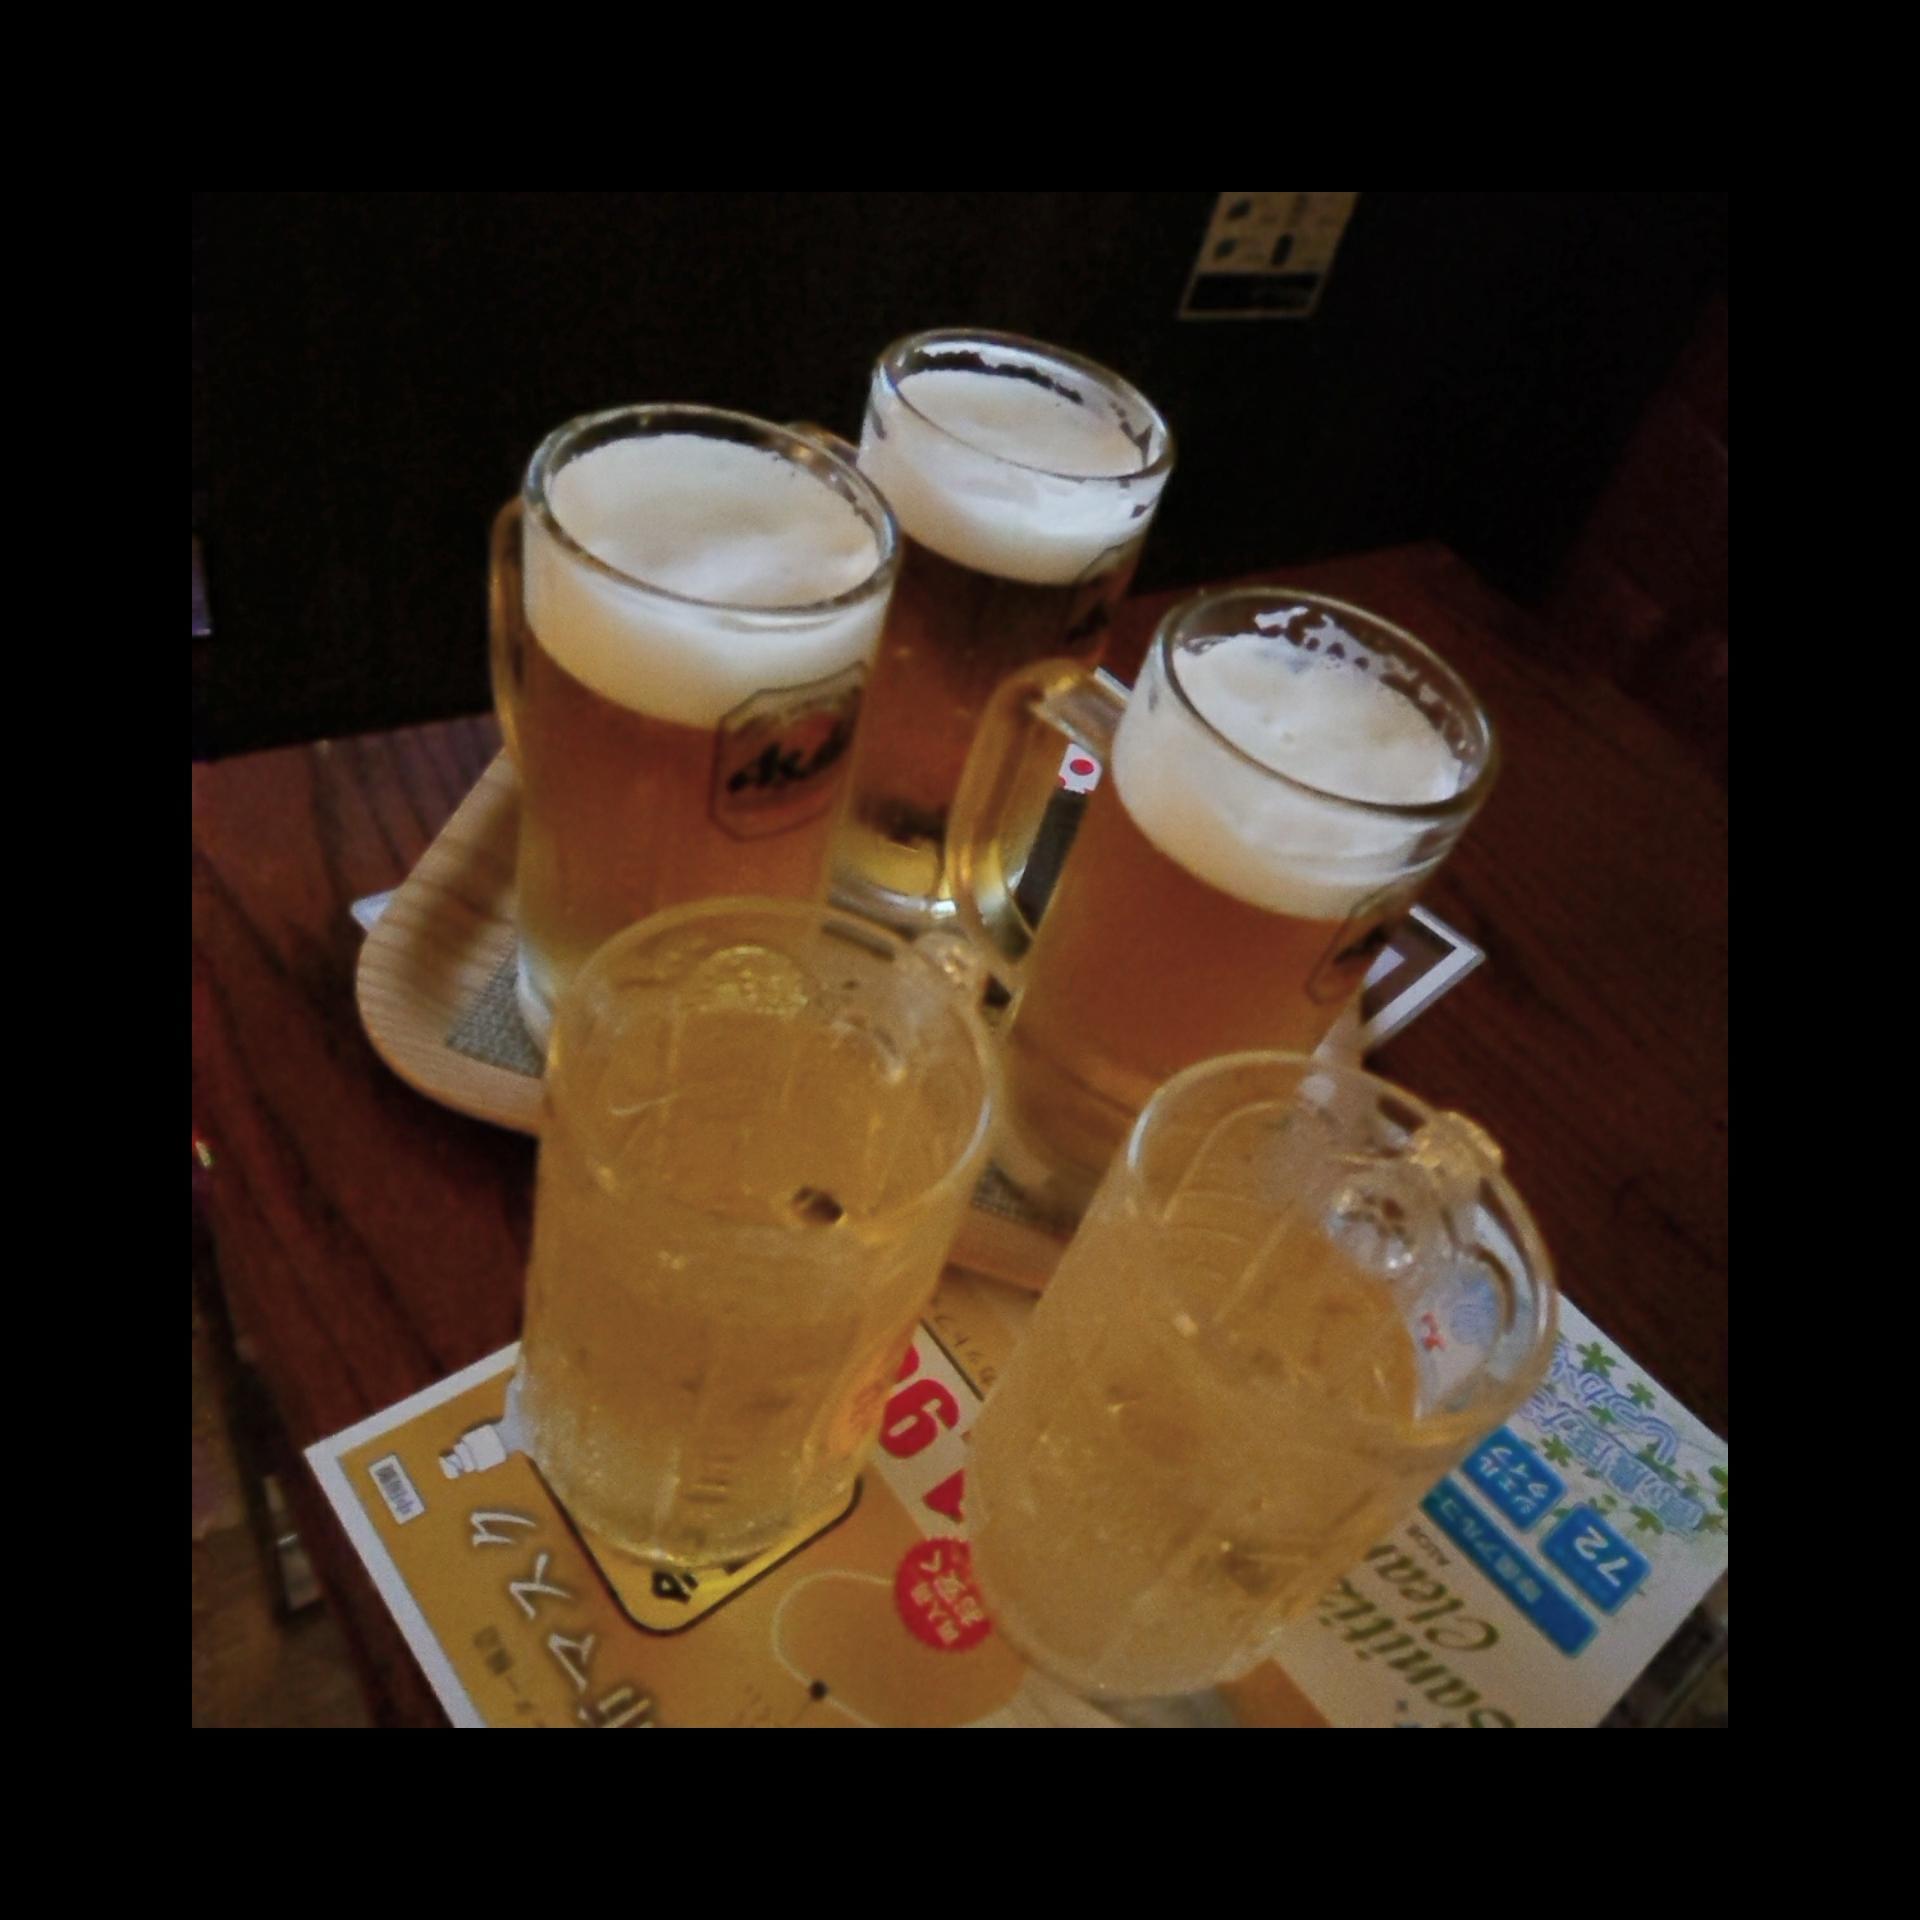 「8月4日の秦野のラブホの110分のお兄さん」08/06(木) 03:11 | きらの写メ・風俗動画